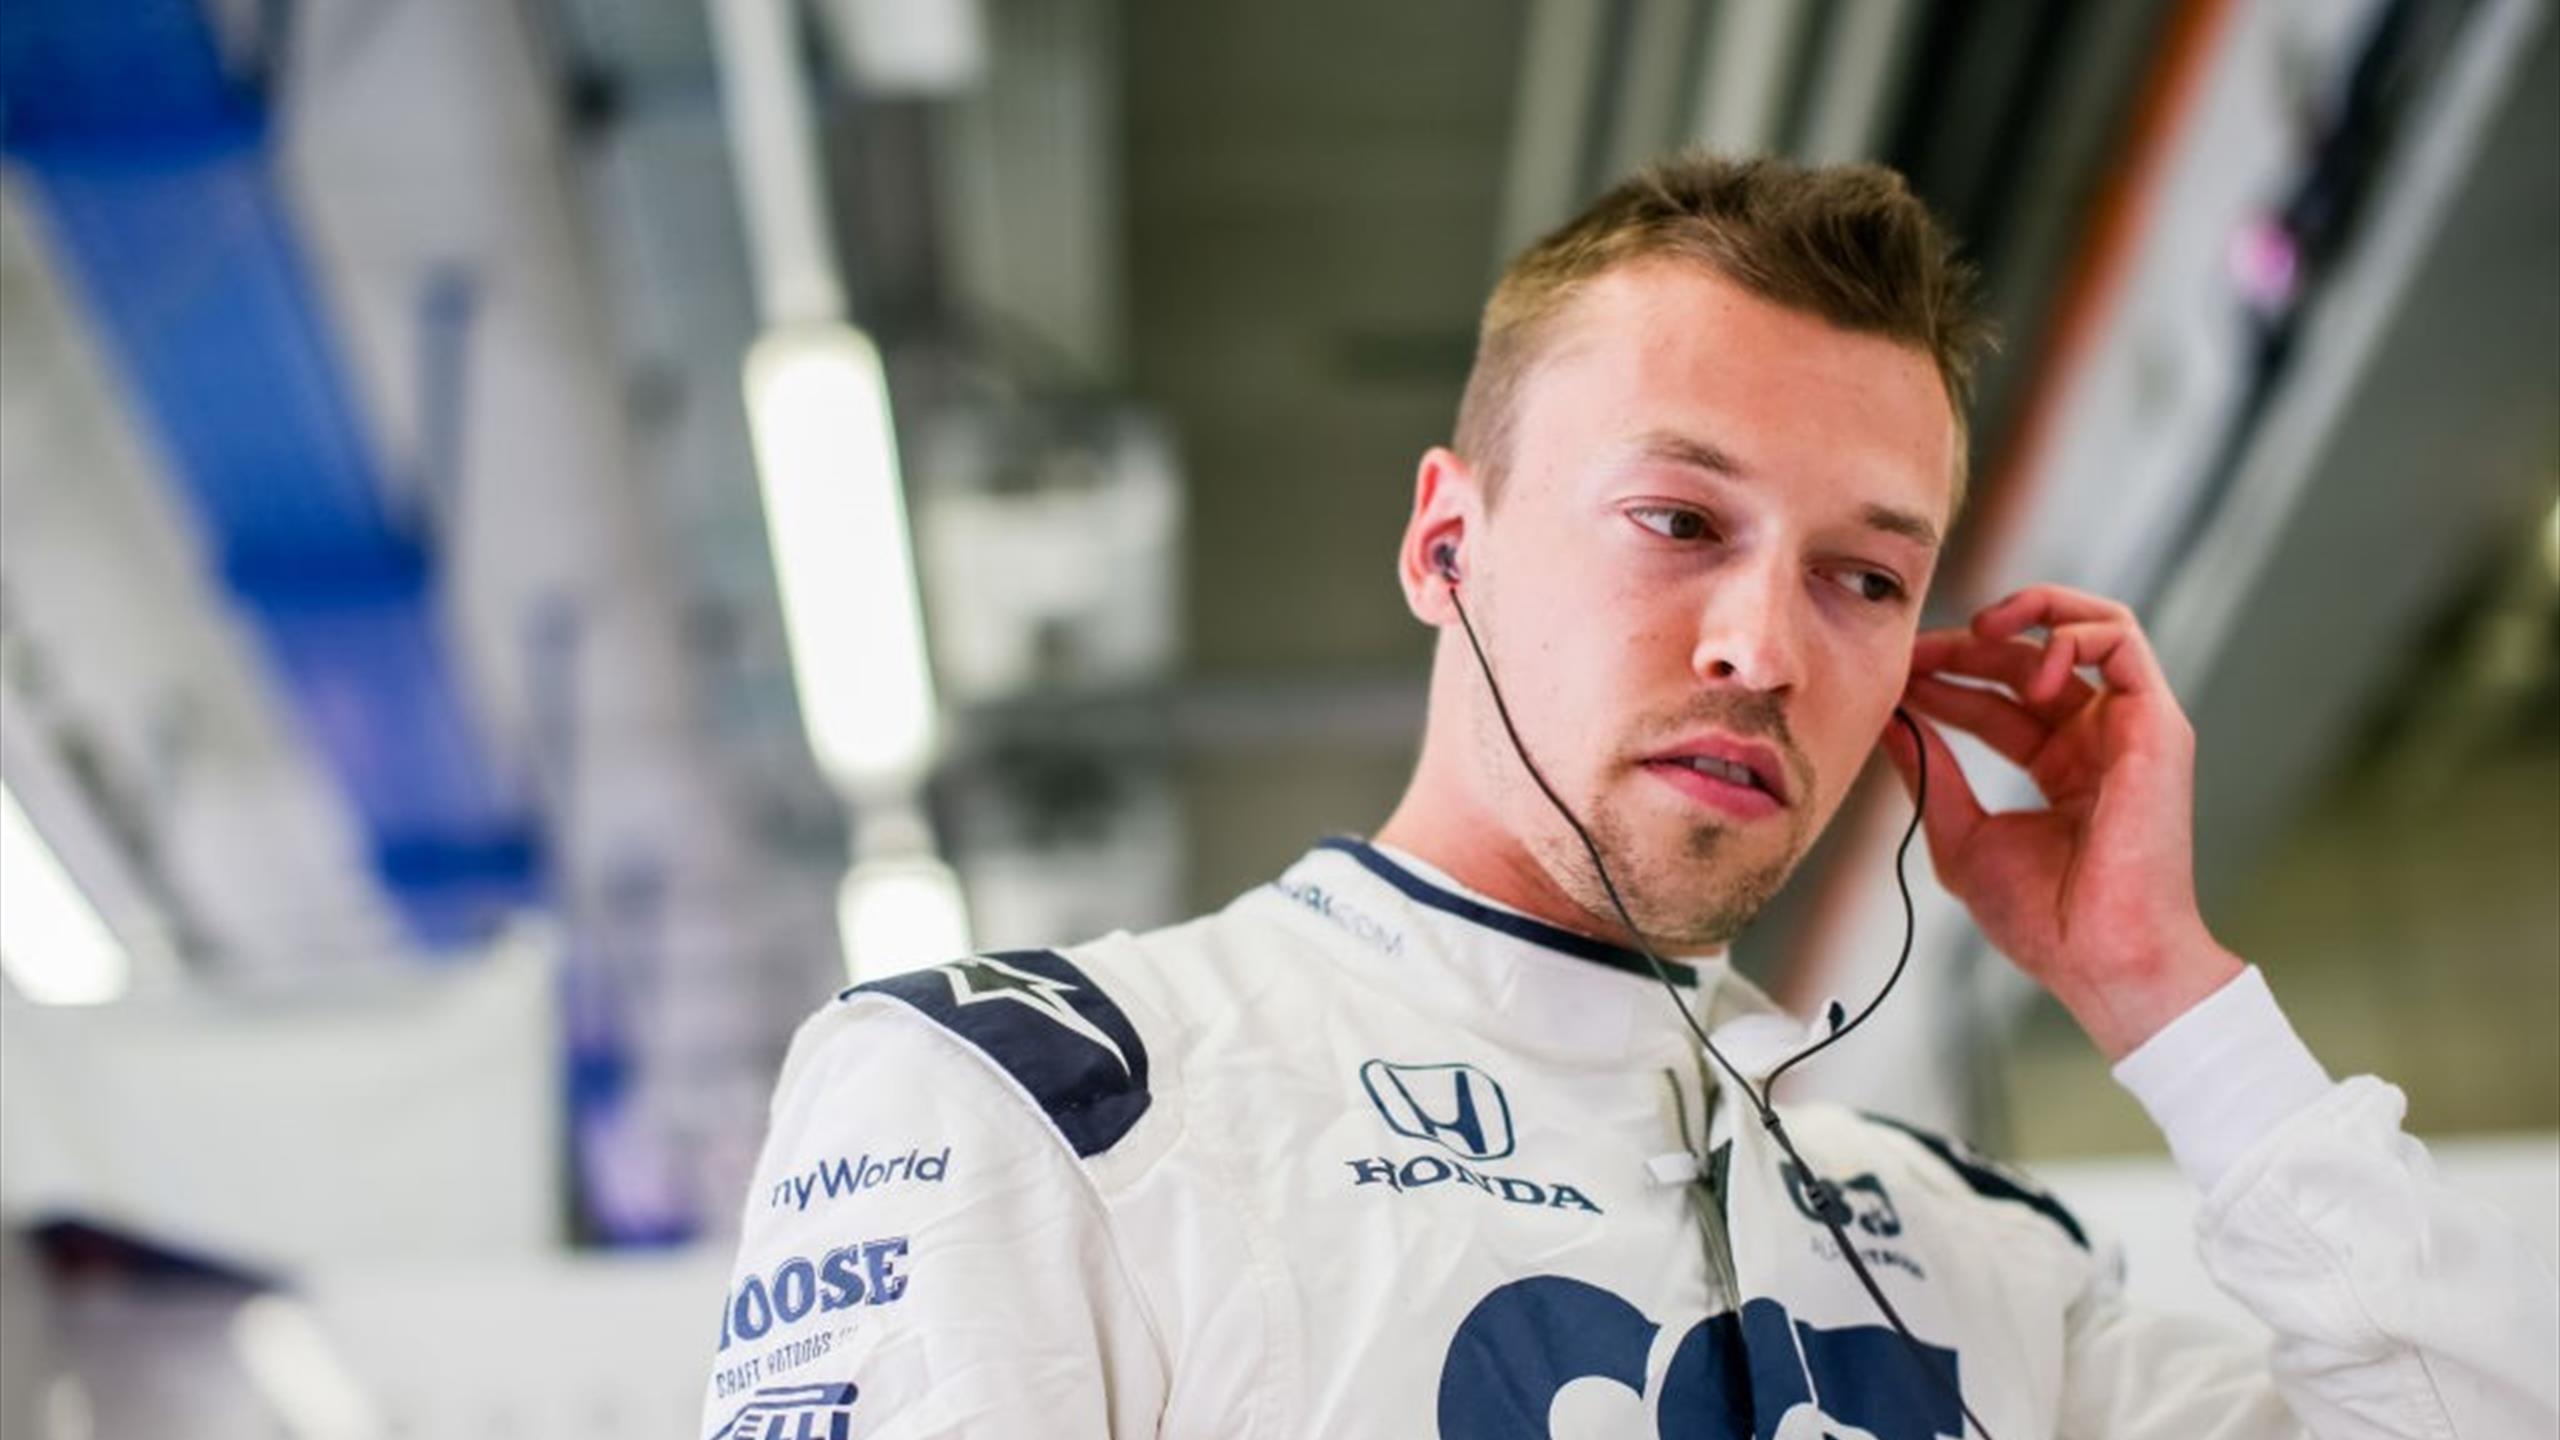 Квят присоединился к Ферстаппену с Леклером и отказался преклонить колено перед гонкой